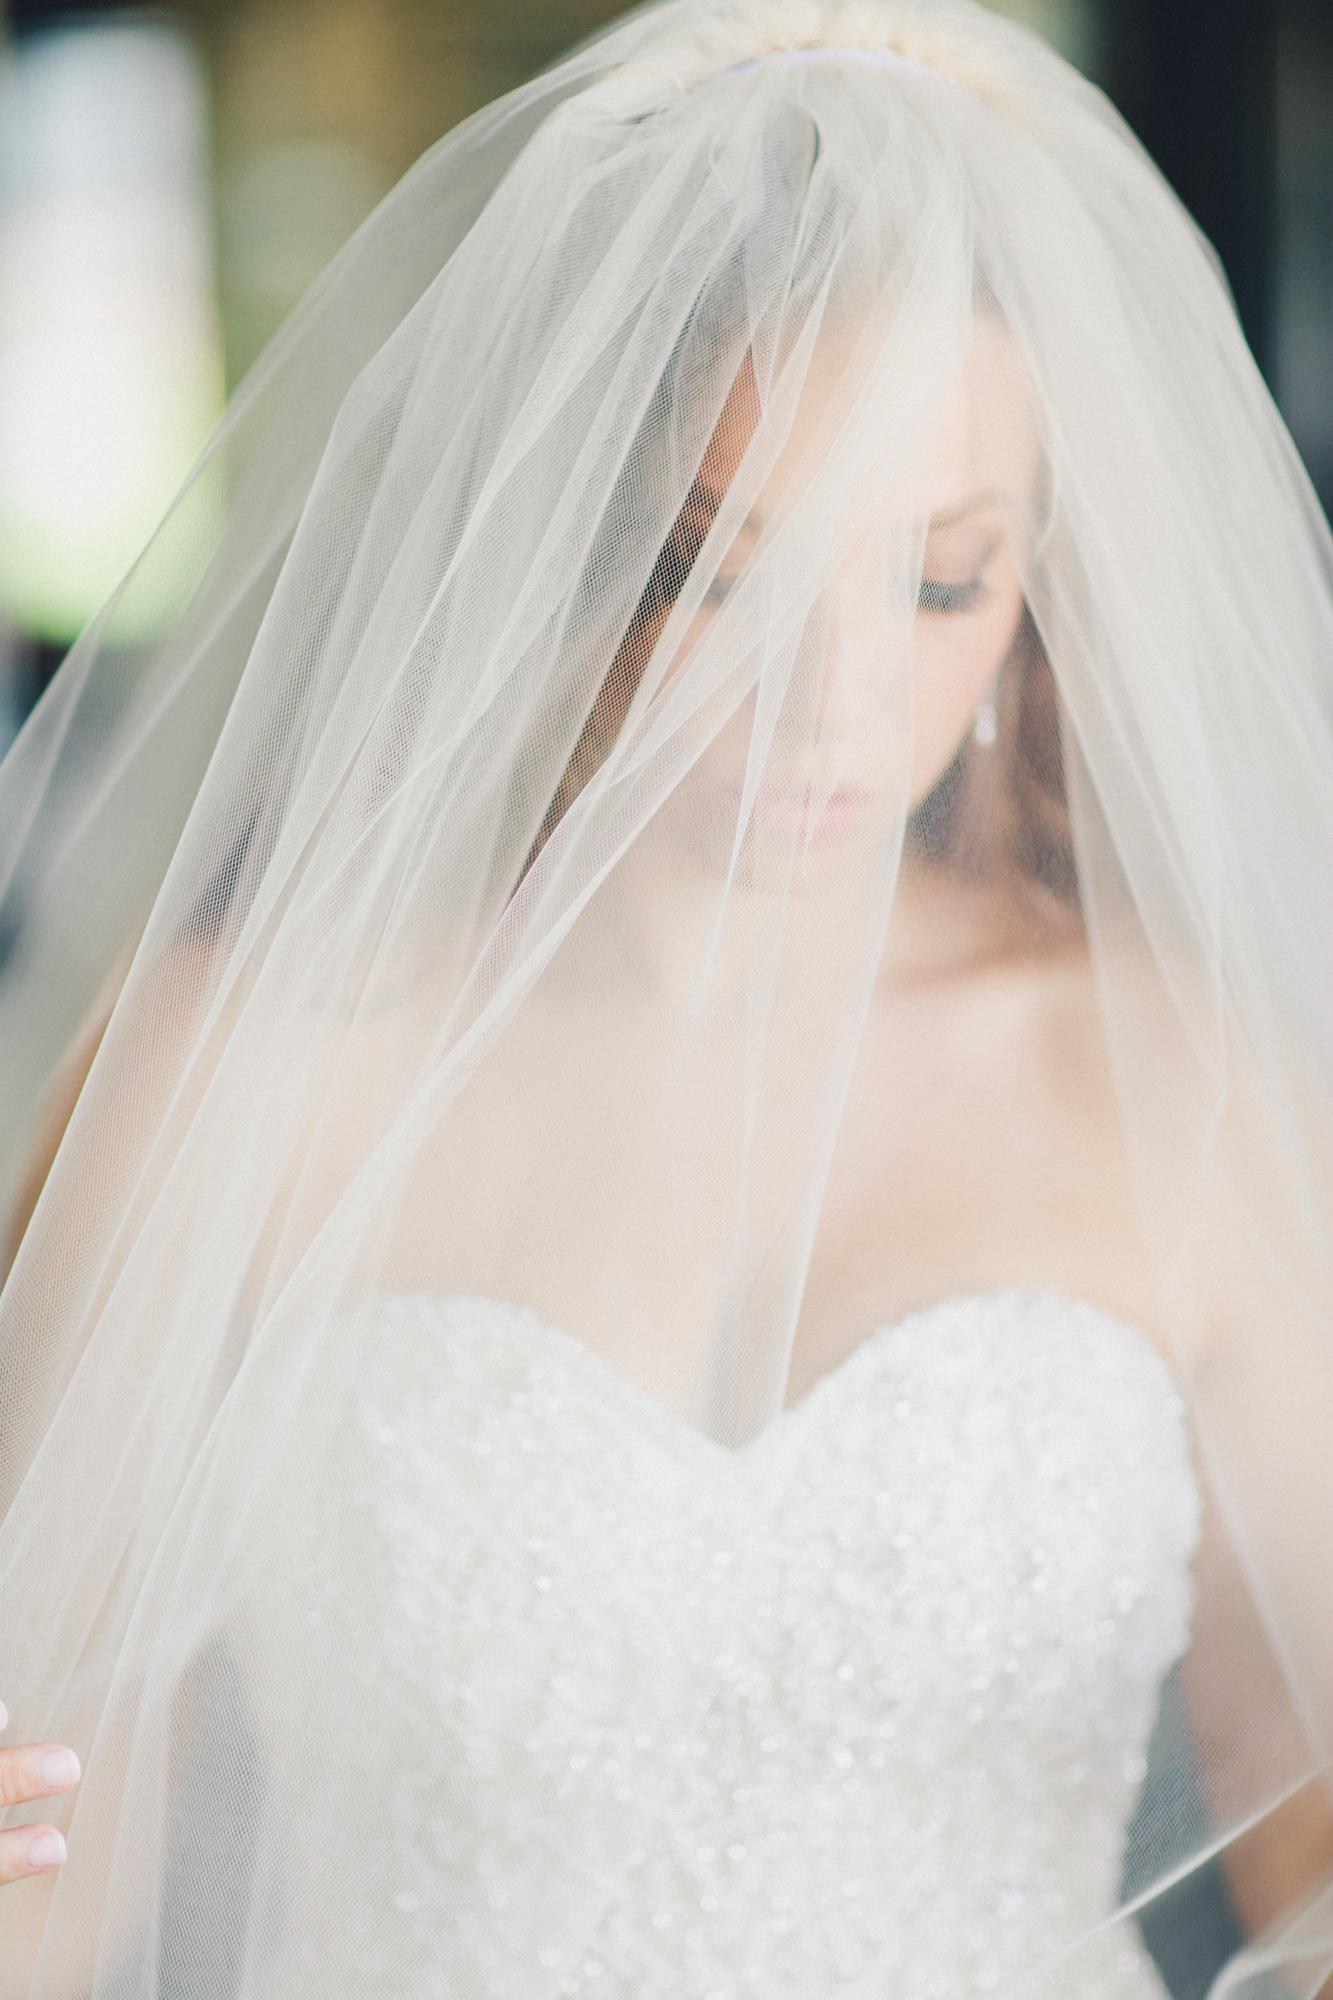 New York Wedding Photographer Boris Zaretsky Boris_Zaretsky_Photography_1N3A0362 copy.jpg